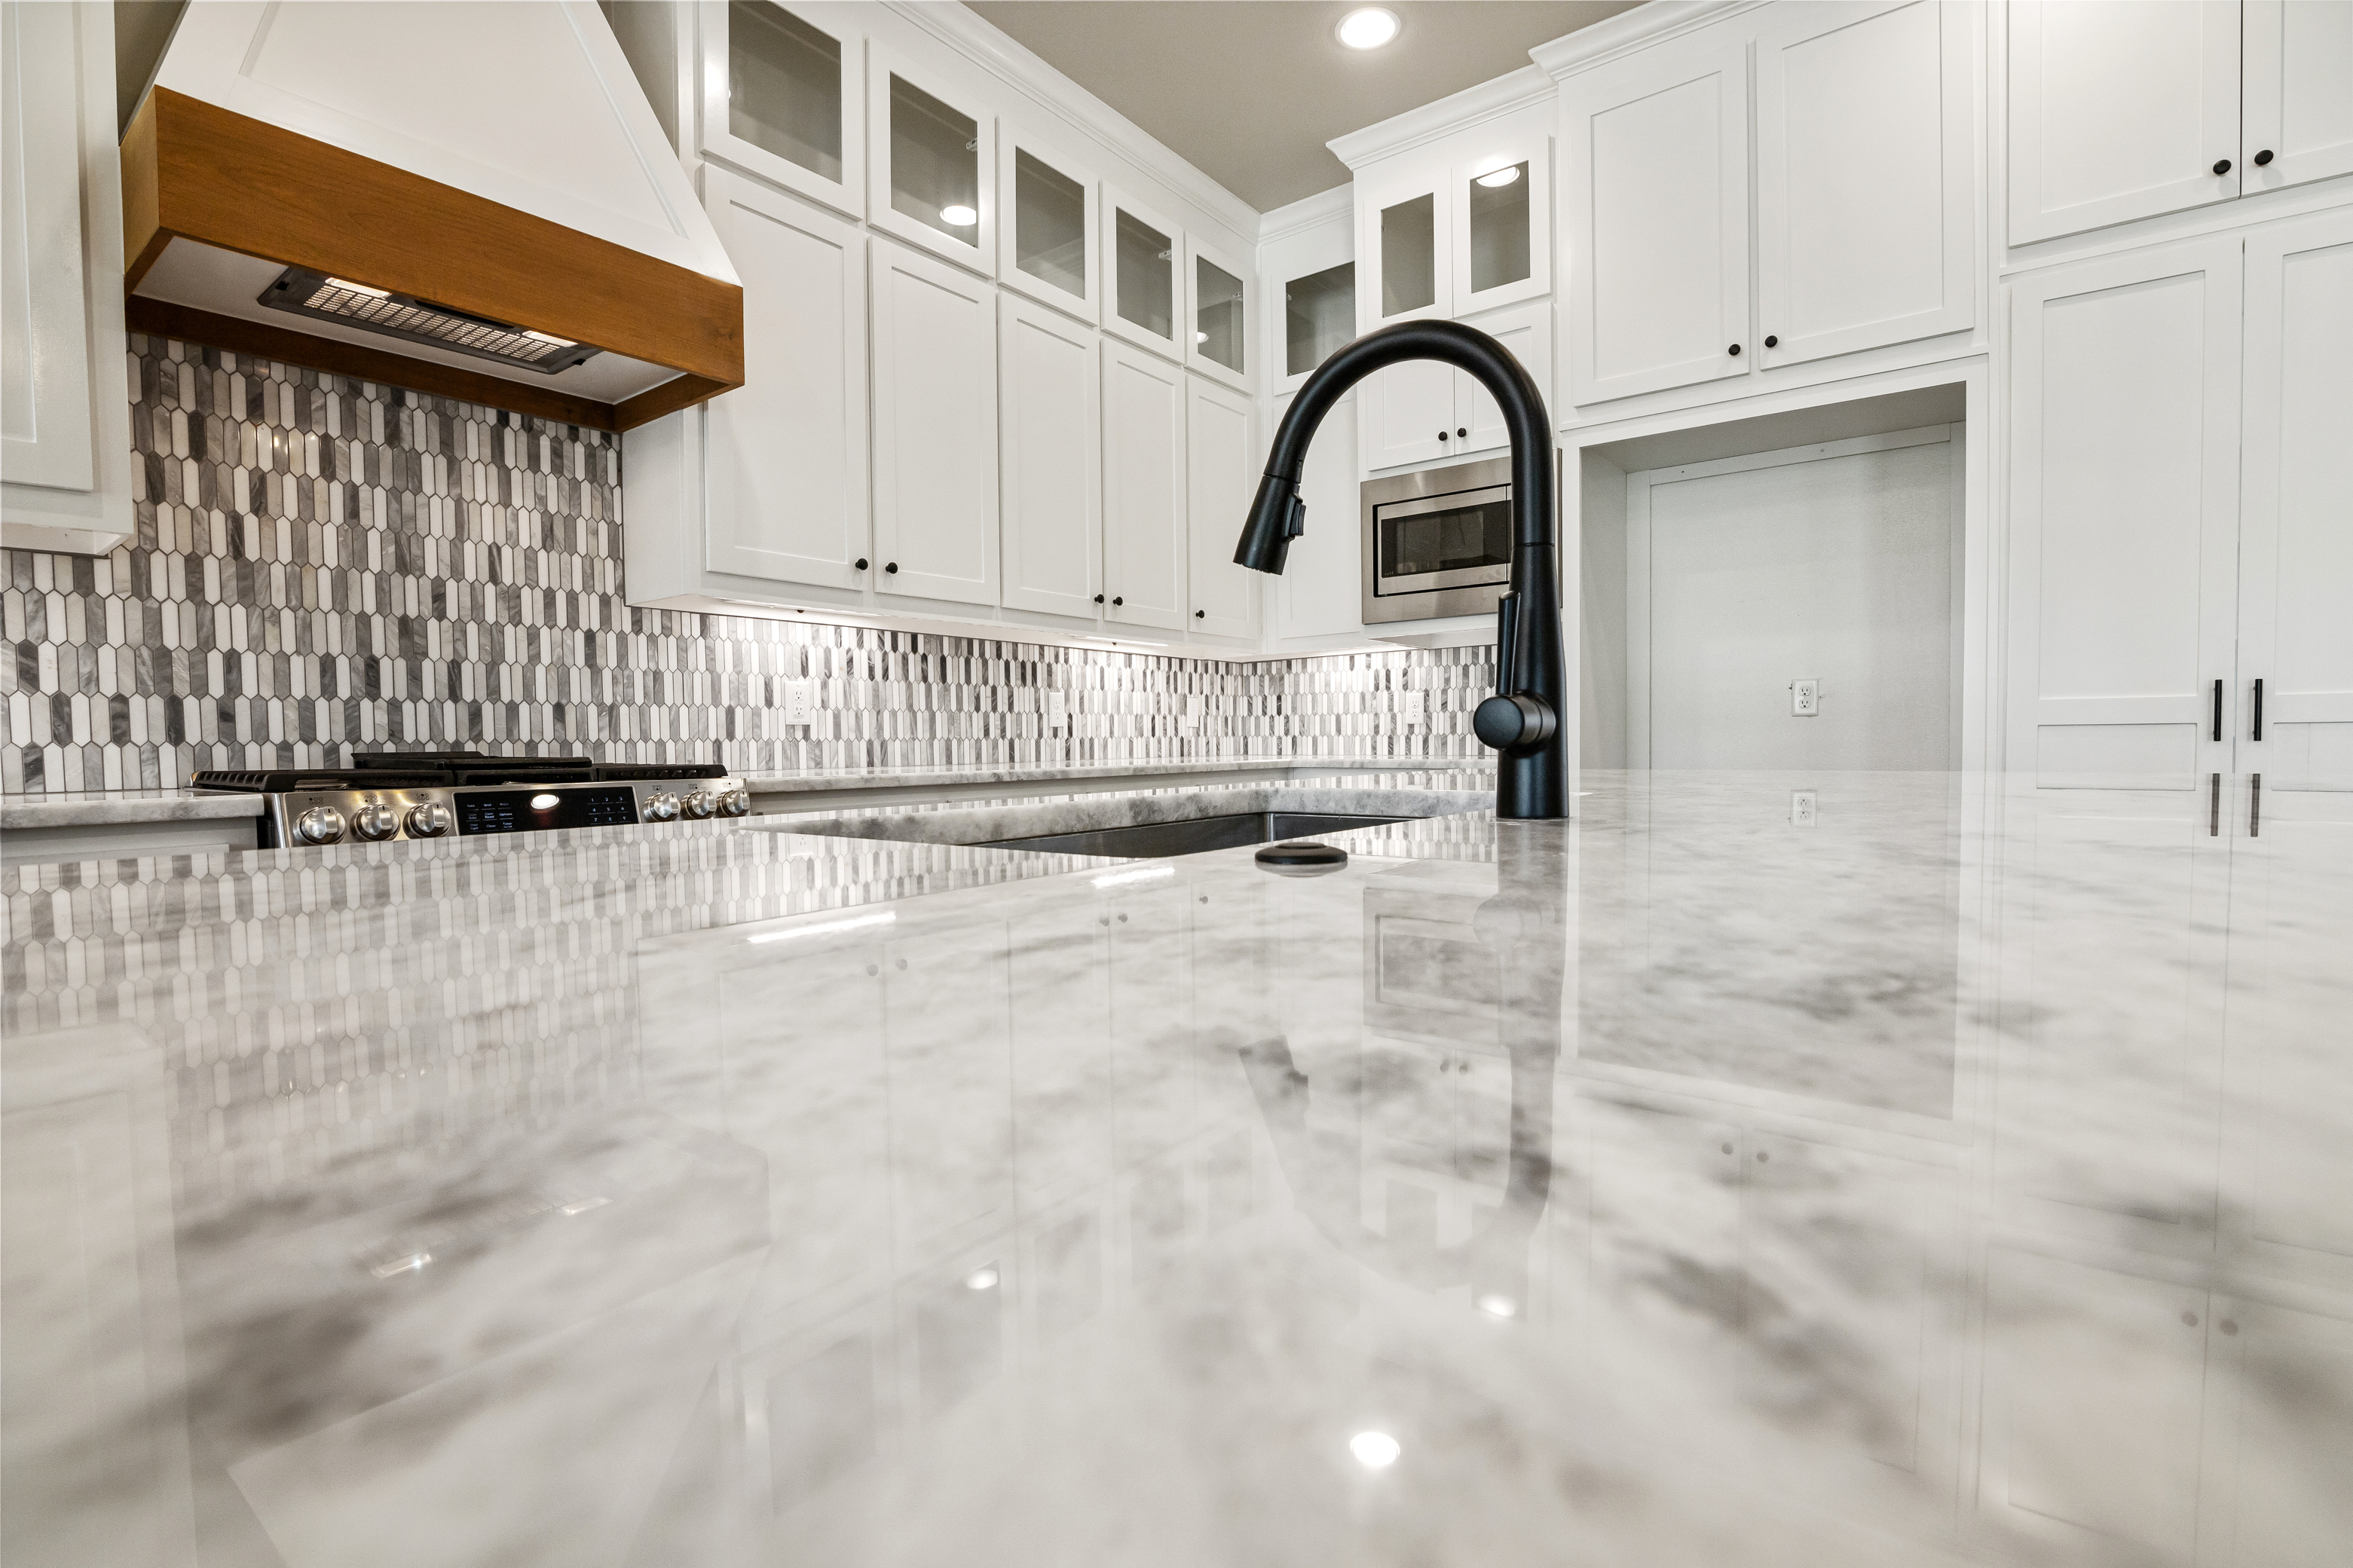 https://0201.nccdn.net/1_2/000/000/181/07e/kitchen-sink-detail.jpg